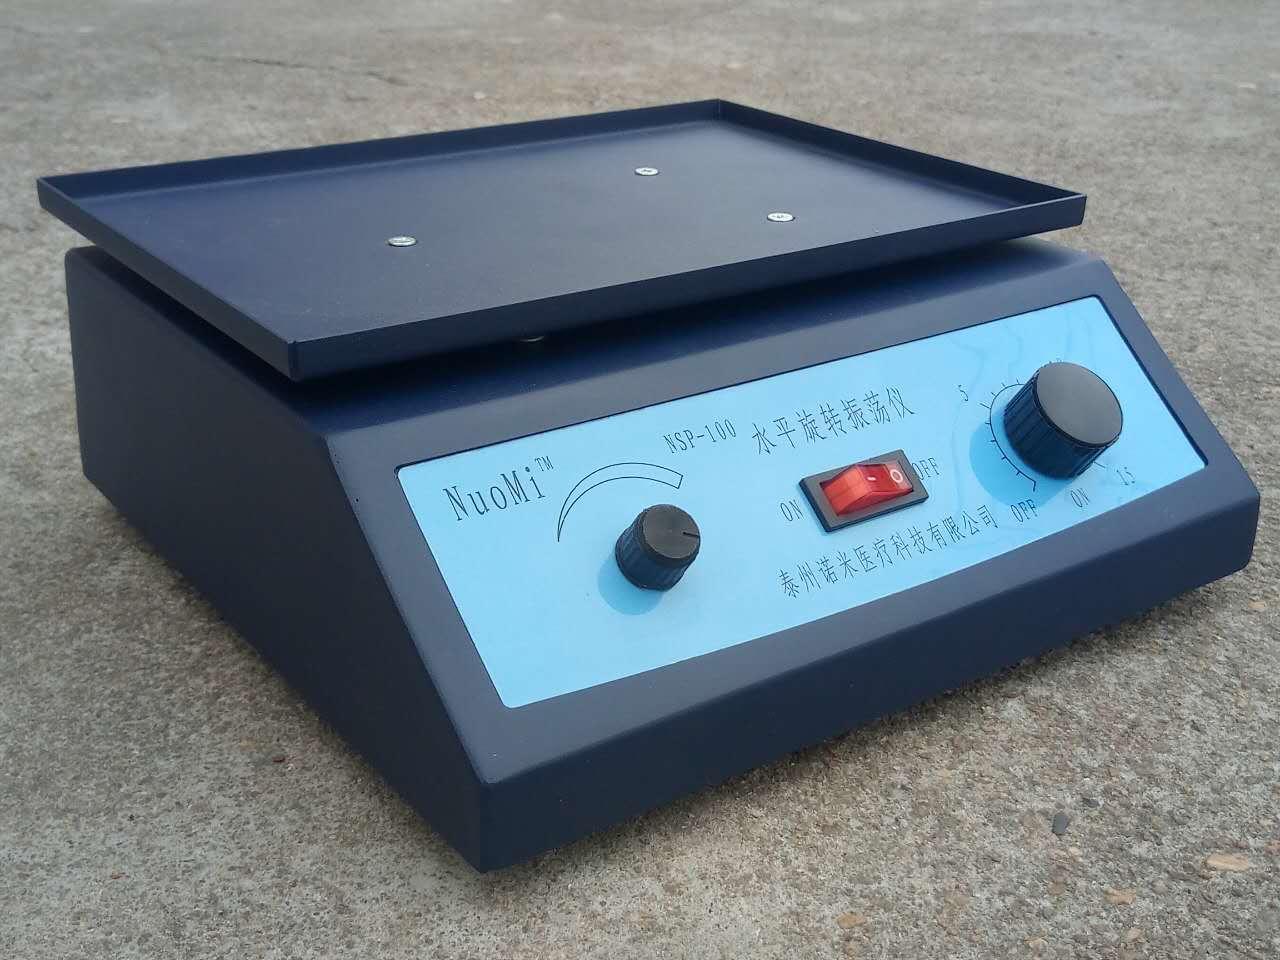 梅毒旋转仪 梅毒振荡器 梅毒旋转振荡器 水平旋转振荡仪 水平摇床